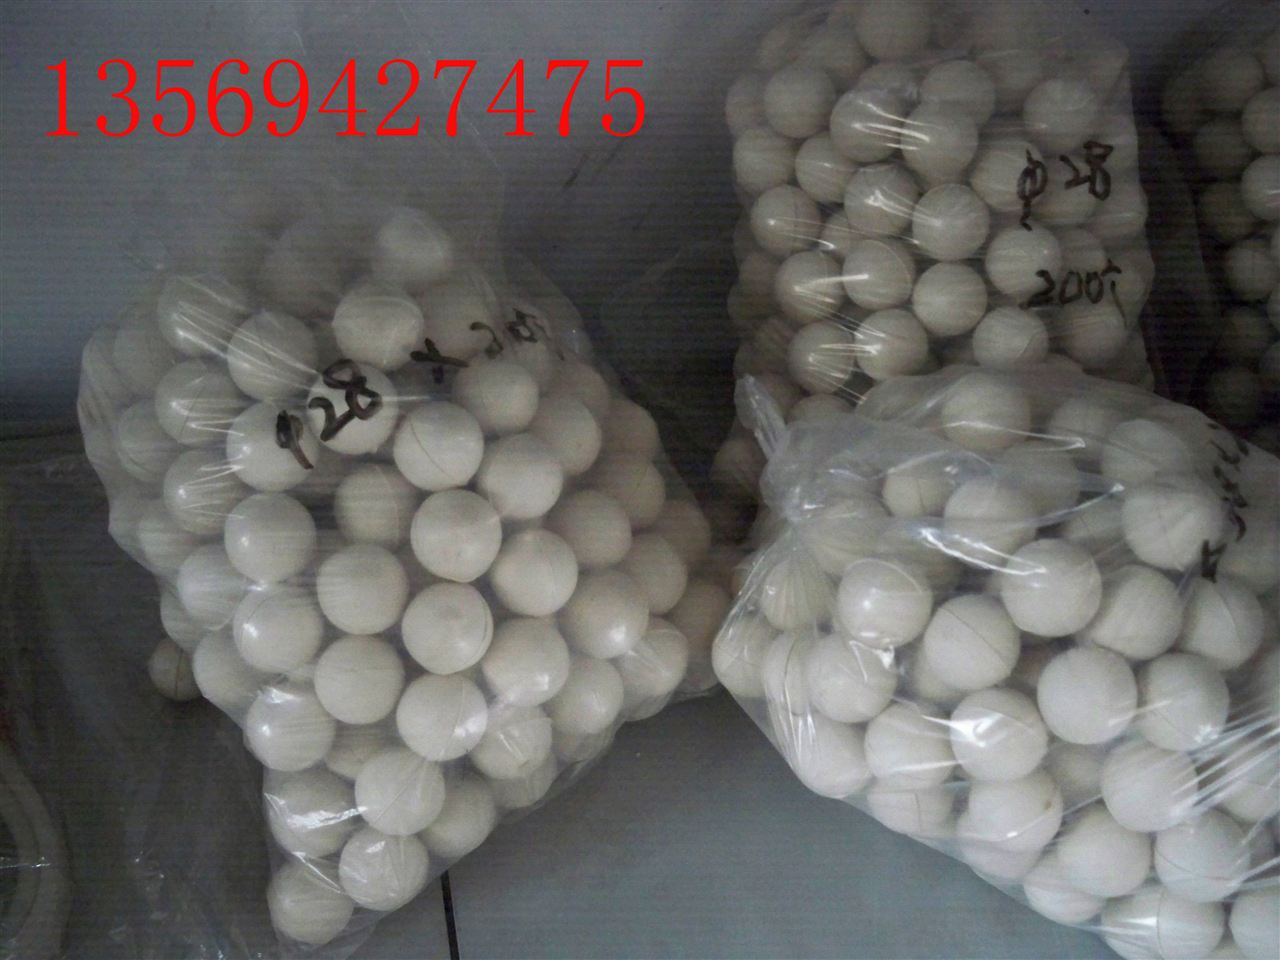 圆形的球规格有:Φ直径15(硅胶、橡胶)球、Φ直径20(硅胶、橡胶)球、Φ25(硅胶、橡胶)球、Φ28(硅胶、橡胶)球、Φ30(硅胶、橡胶)球、Φ35(硅胶、橡胶)球、Φ40(硅胶、橡胶)球、Φ45(硅胶、橡胶)球、Φ50硅胶、橡胶)球应用在振动筛、直线振动筛、超声波振动筛,解决堵网问题。